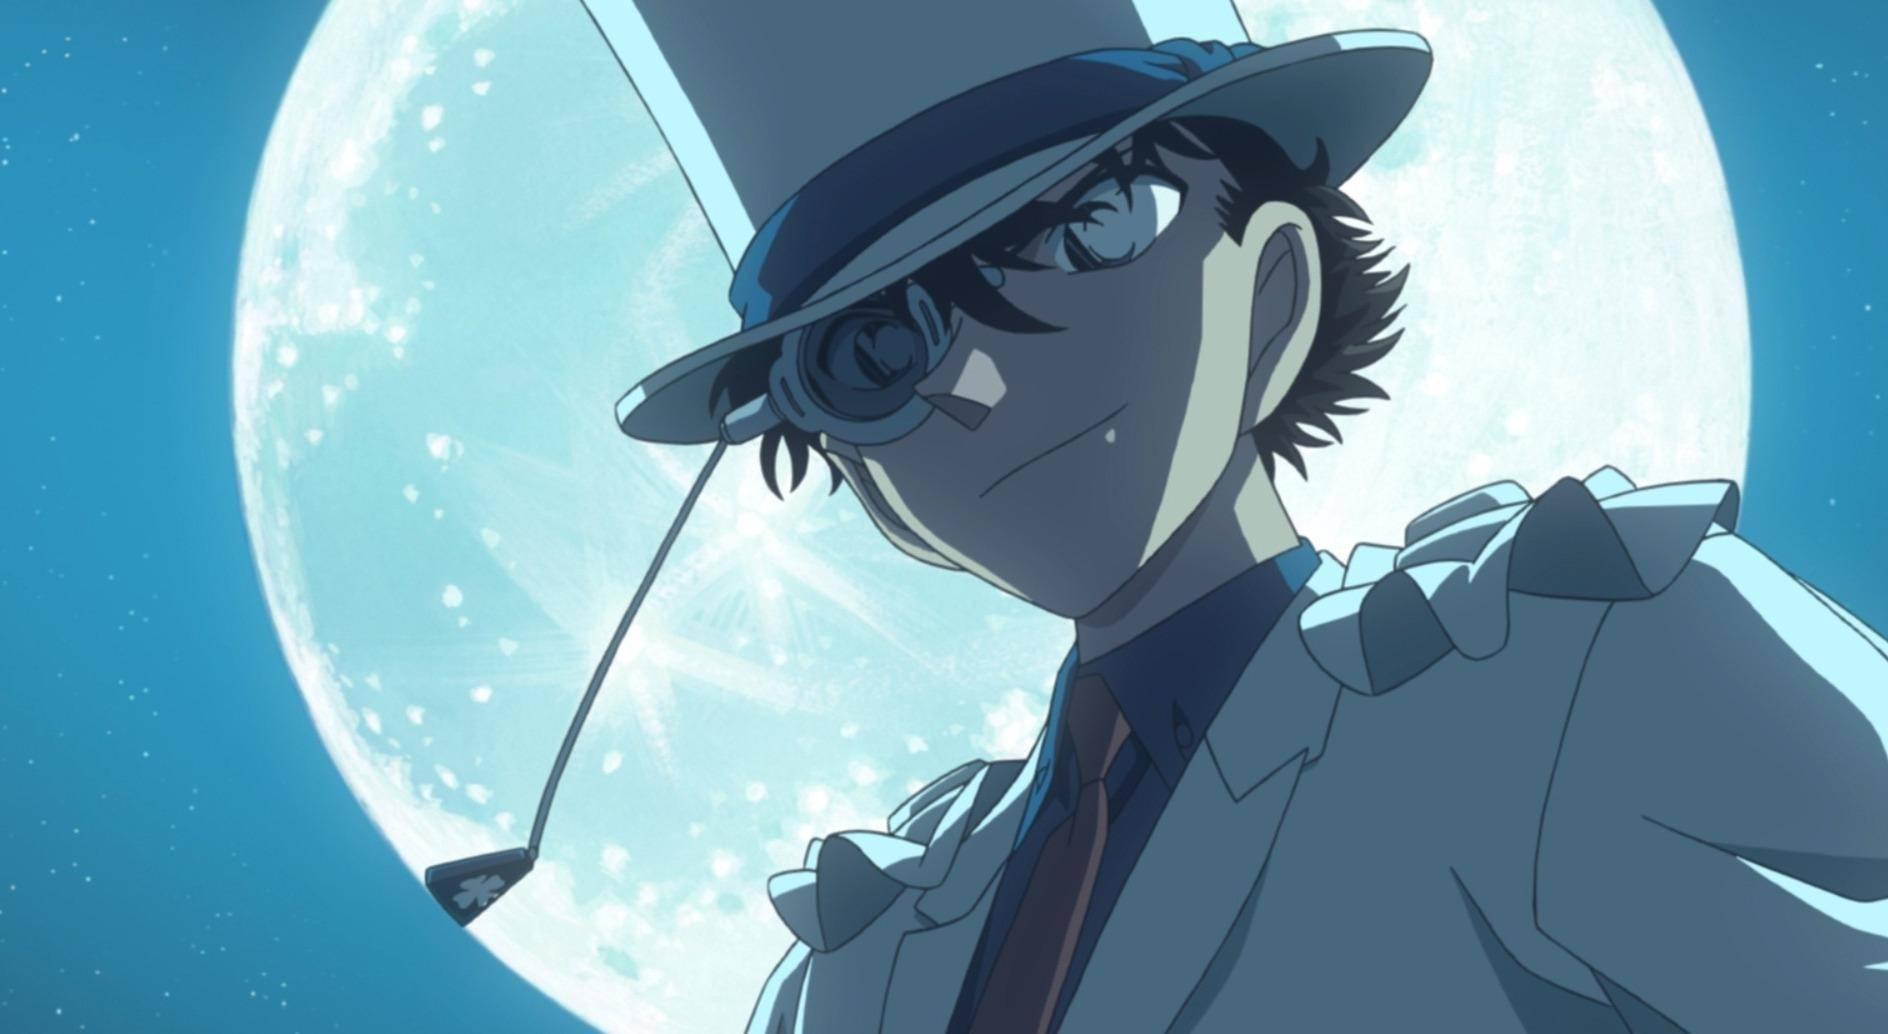 日本动漫人物排行榜_4万日本网友票选最爱的动漫角色,怪盗基德第2名,第1名人气超高